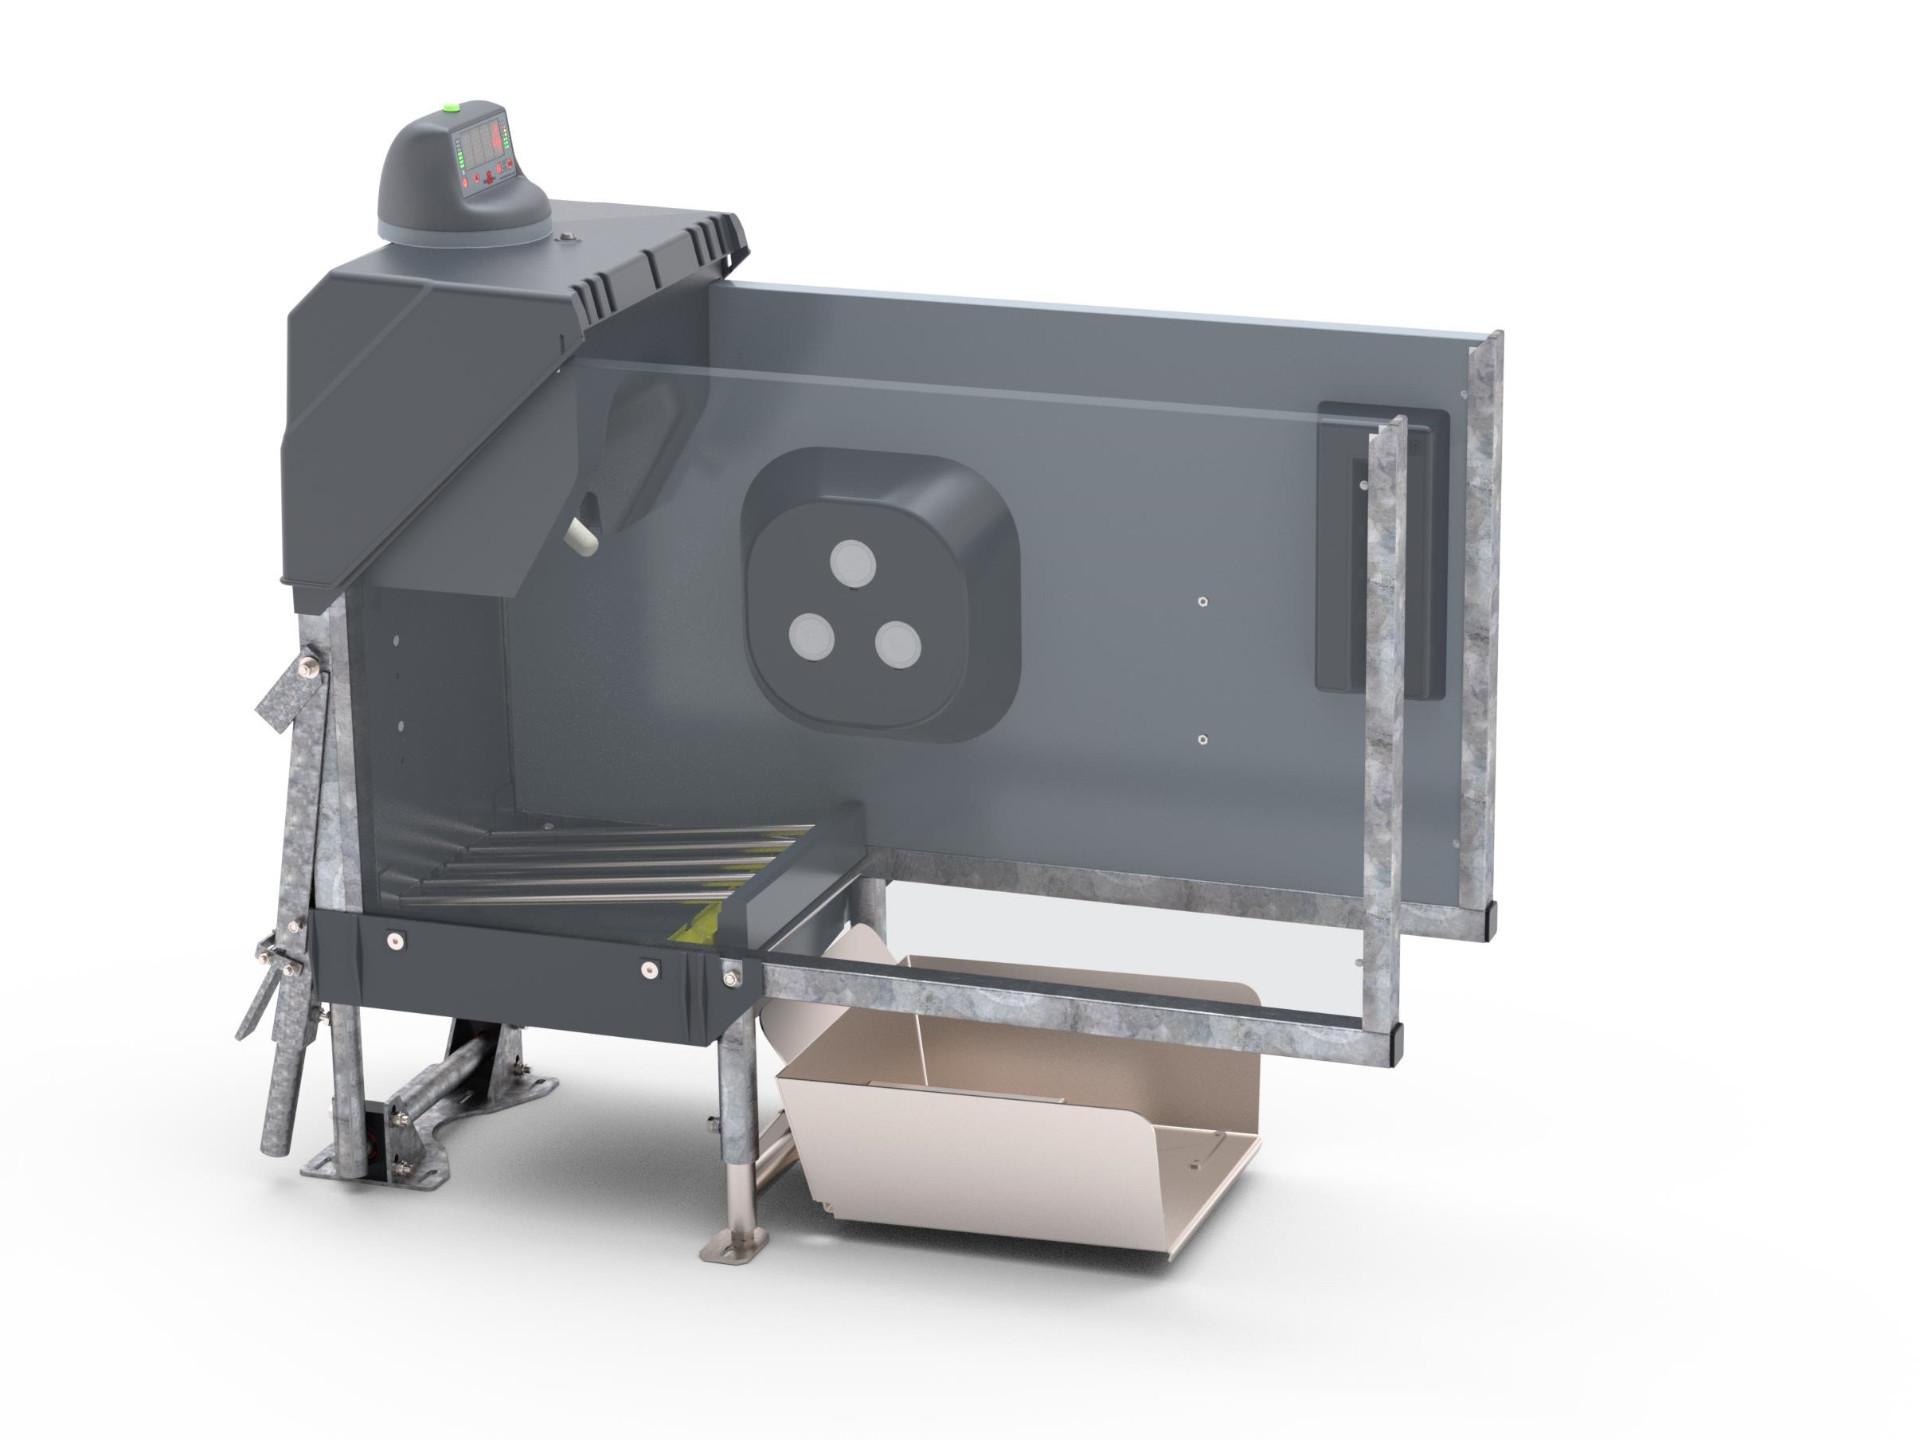 Dieses Bild zeigt die HygieneStation mit Display und Tierwaage. Durch die transparent dargestellte Seitenwand sind die Speichelwanne und die RFID-Antenne zu erkennen.